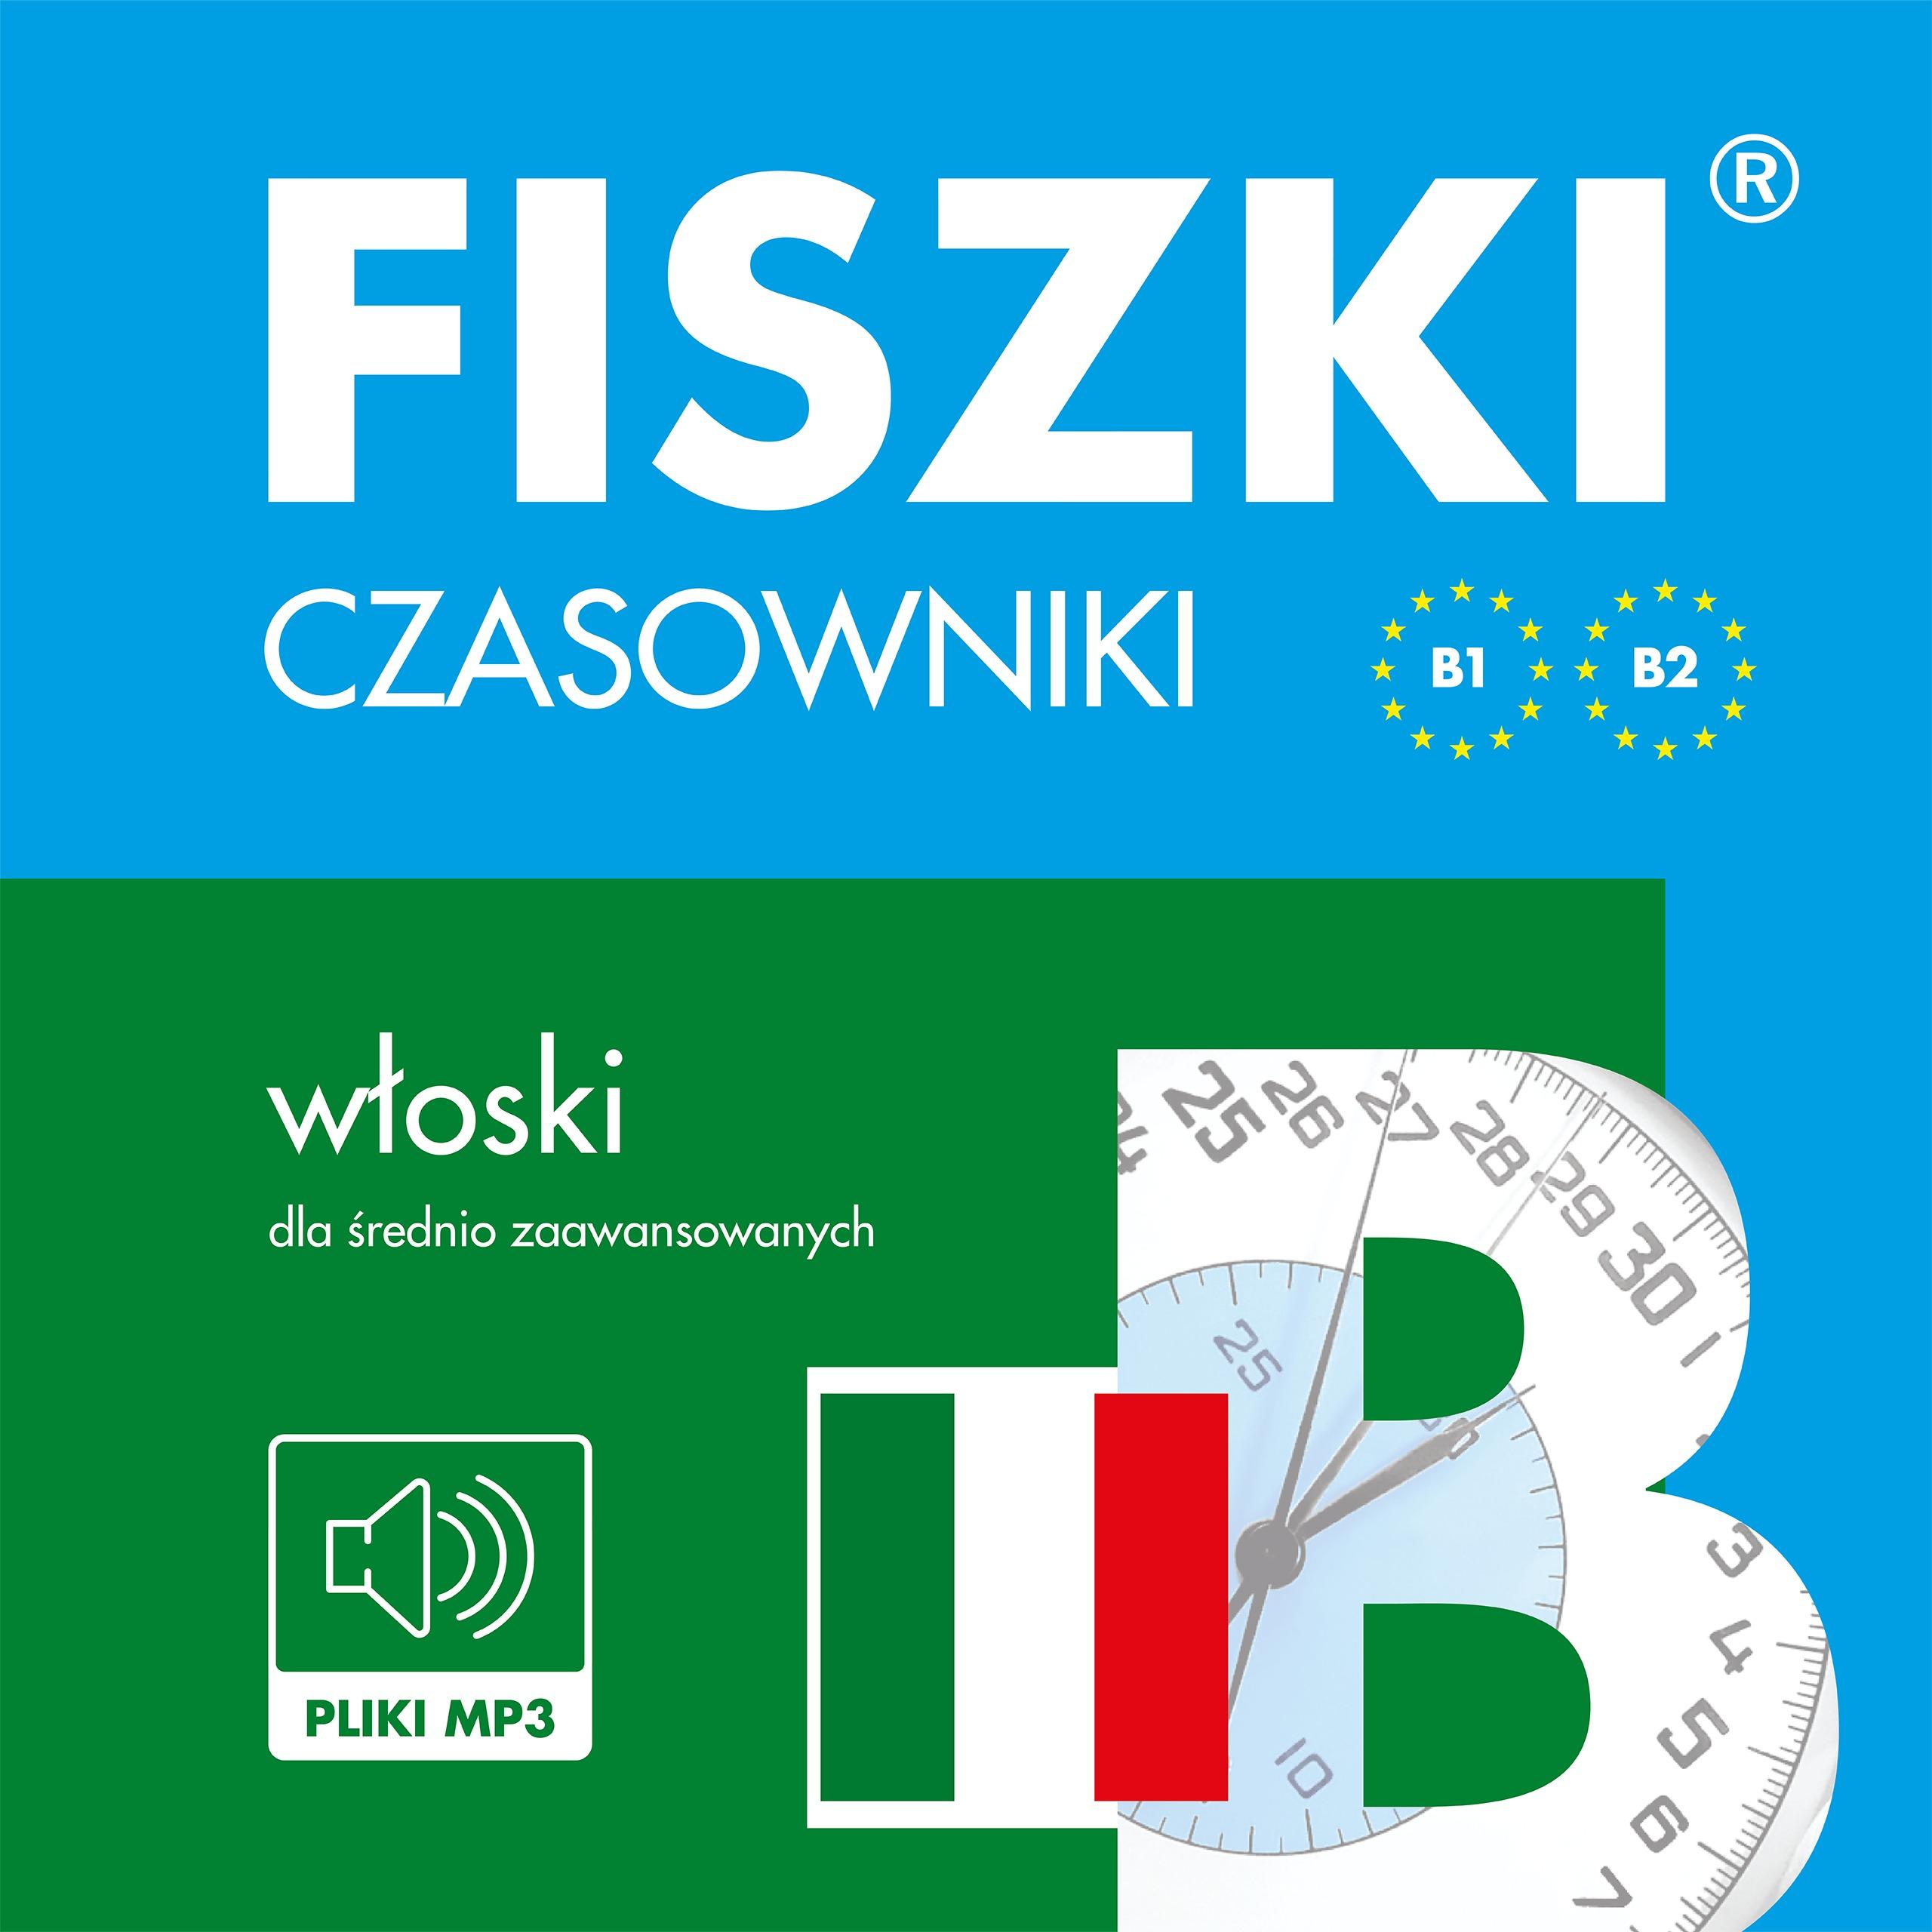 AUDIOBOOK - włoski - Czasowniki (B1-B2)